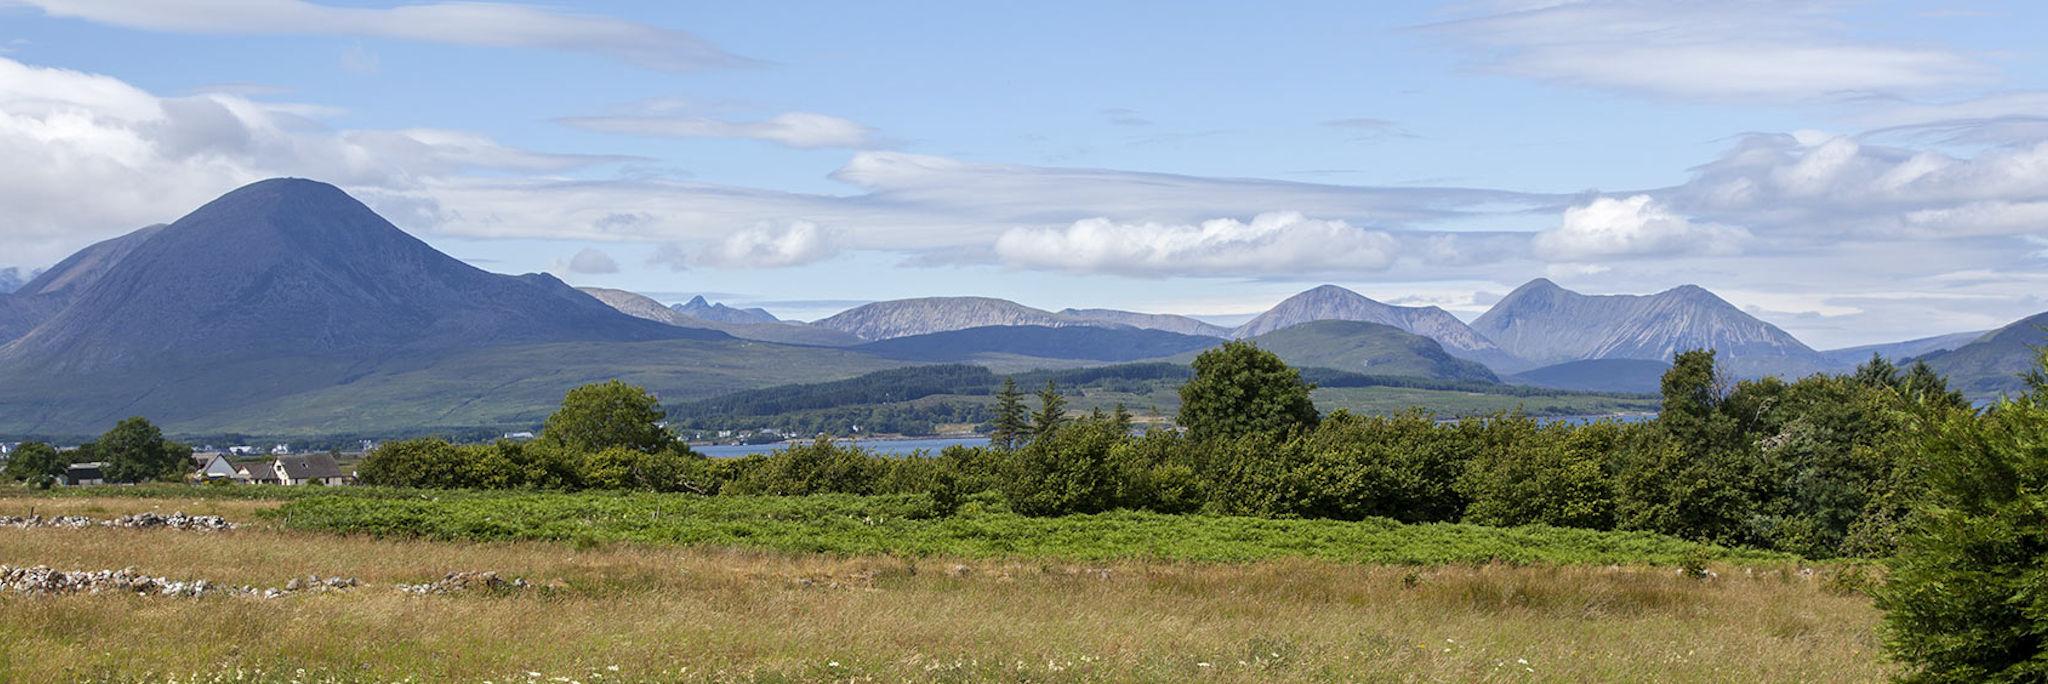 Strathgorm B&B on the Isle of Skye